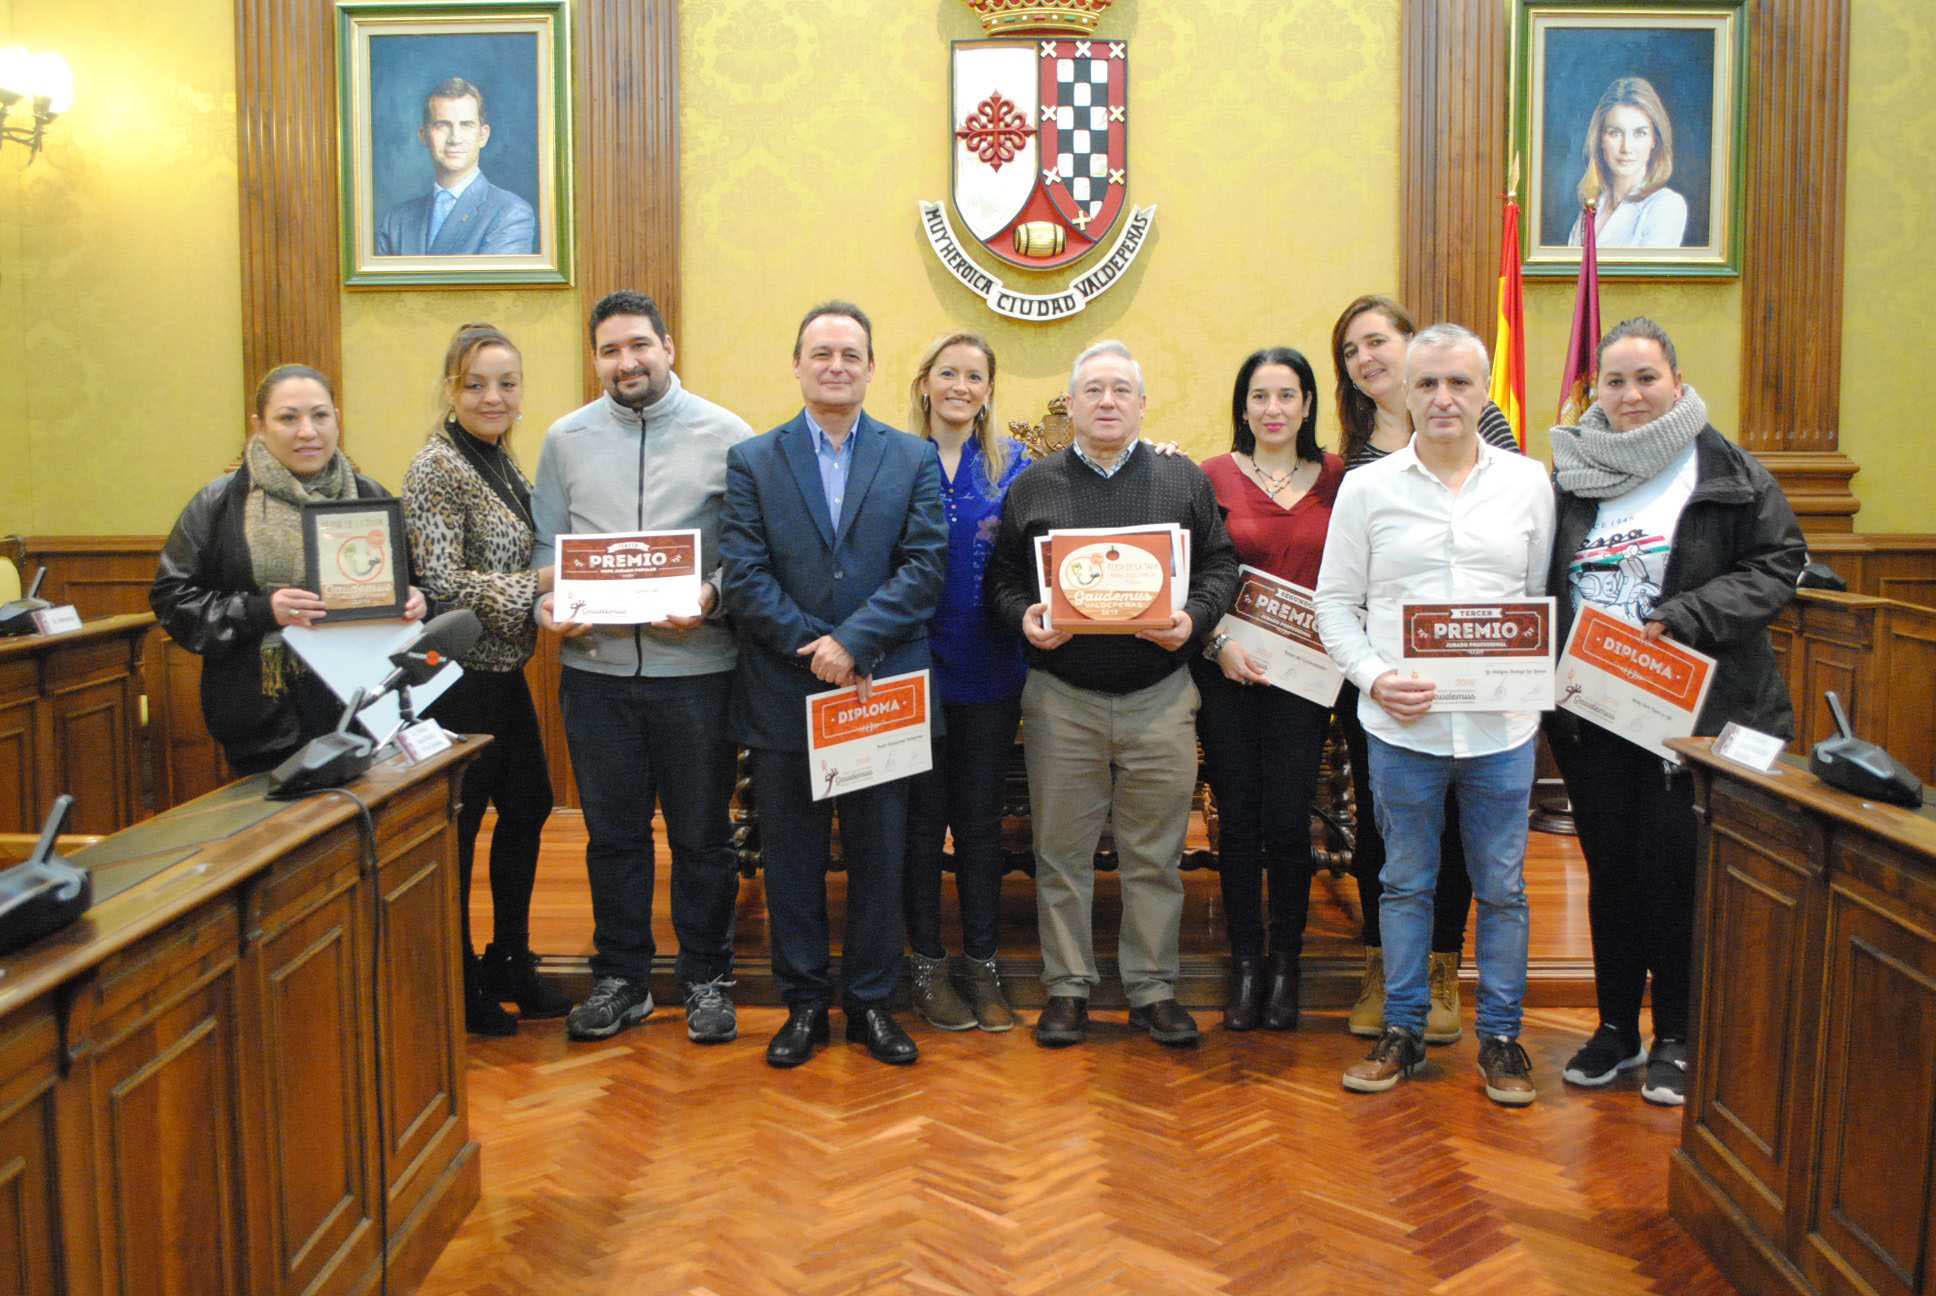 Cynthia Gastrobar y Sucot, ganadores de la 'XIV Feria de la Tapa' de Valdepeñas